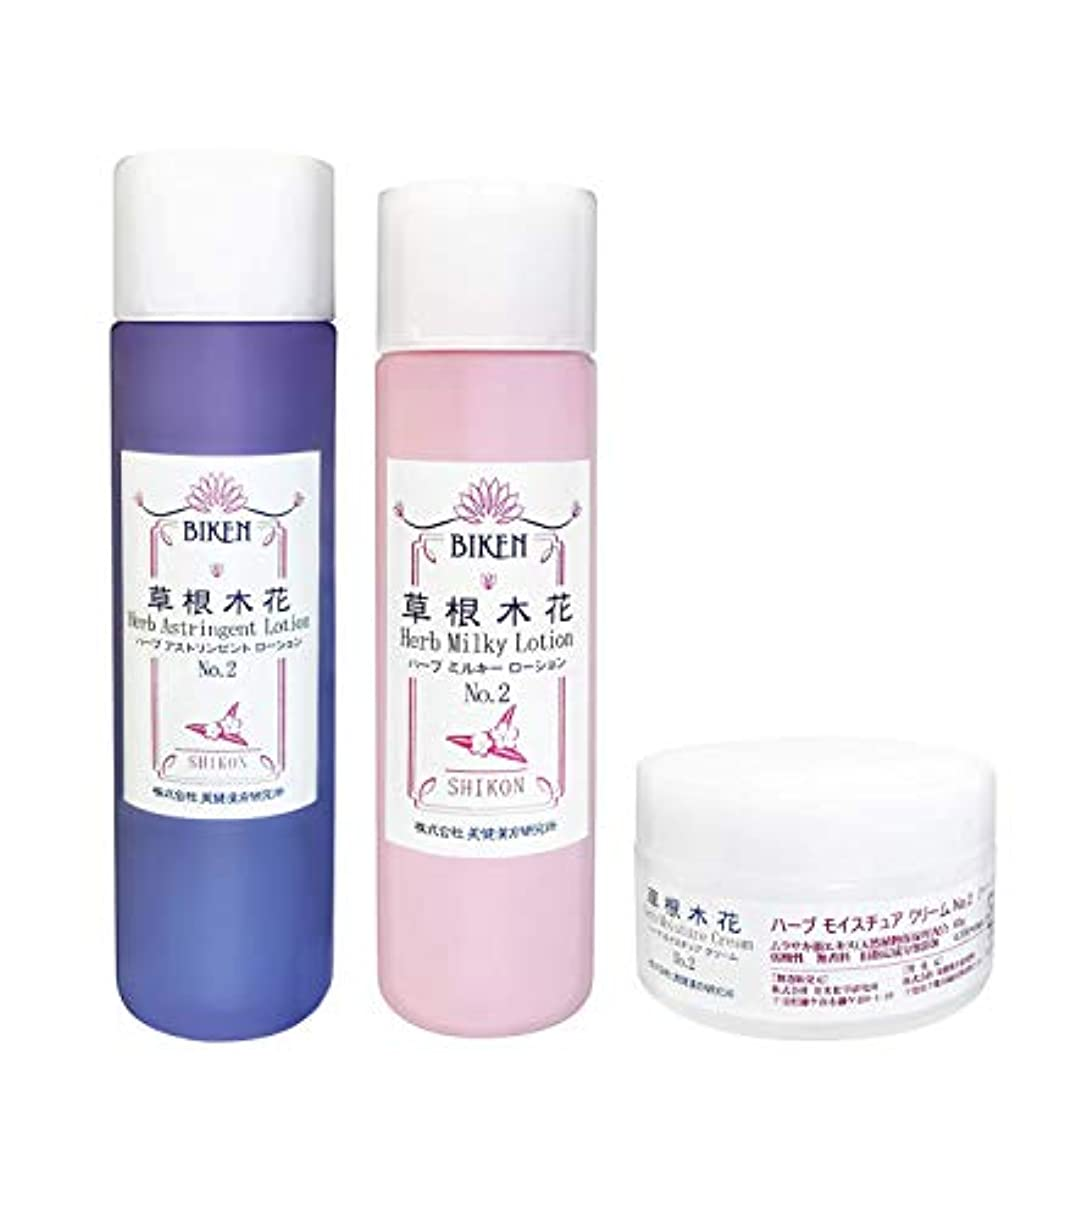 衣類国際組み込む「紫根(シコン)エキス和漢自然派基礎化粧品3点セット」   保湿力に特化した大人のスキンケア  シェアドコスメ(男女兼用化粧品)